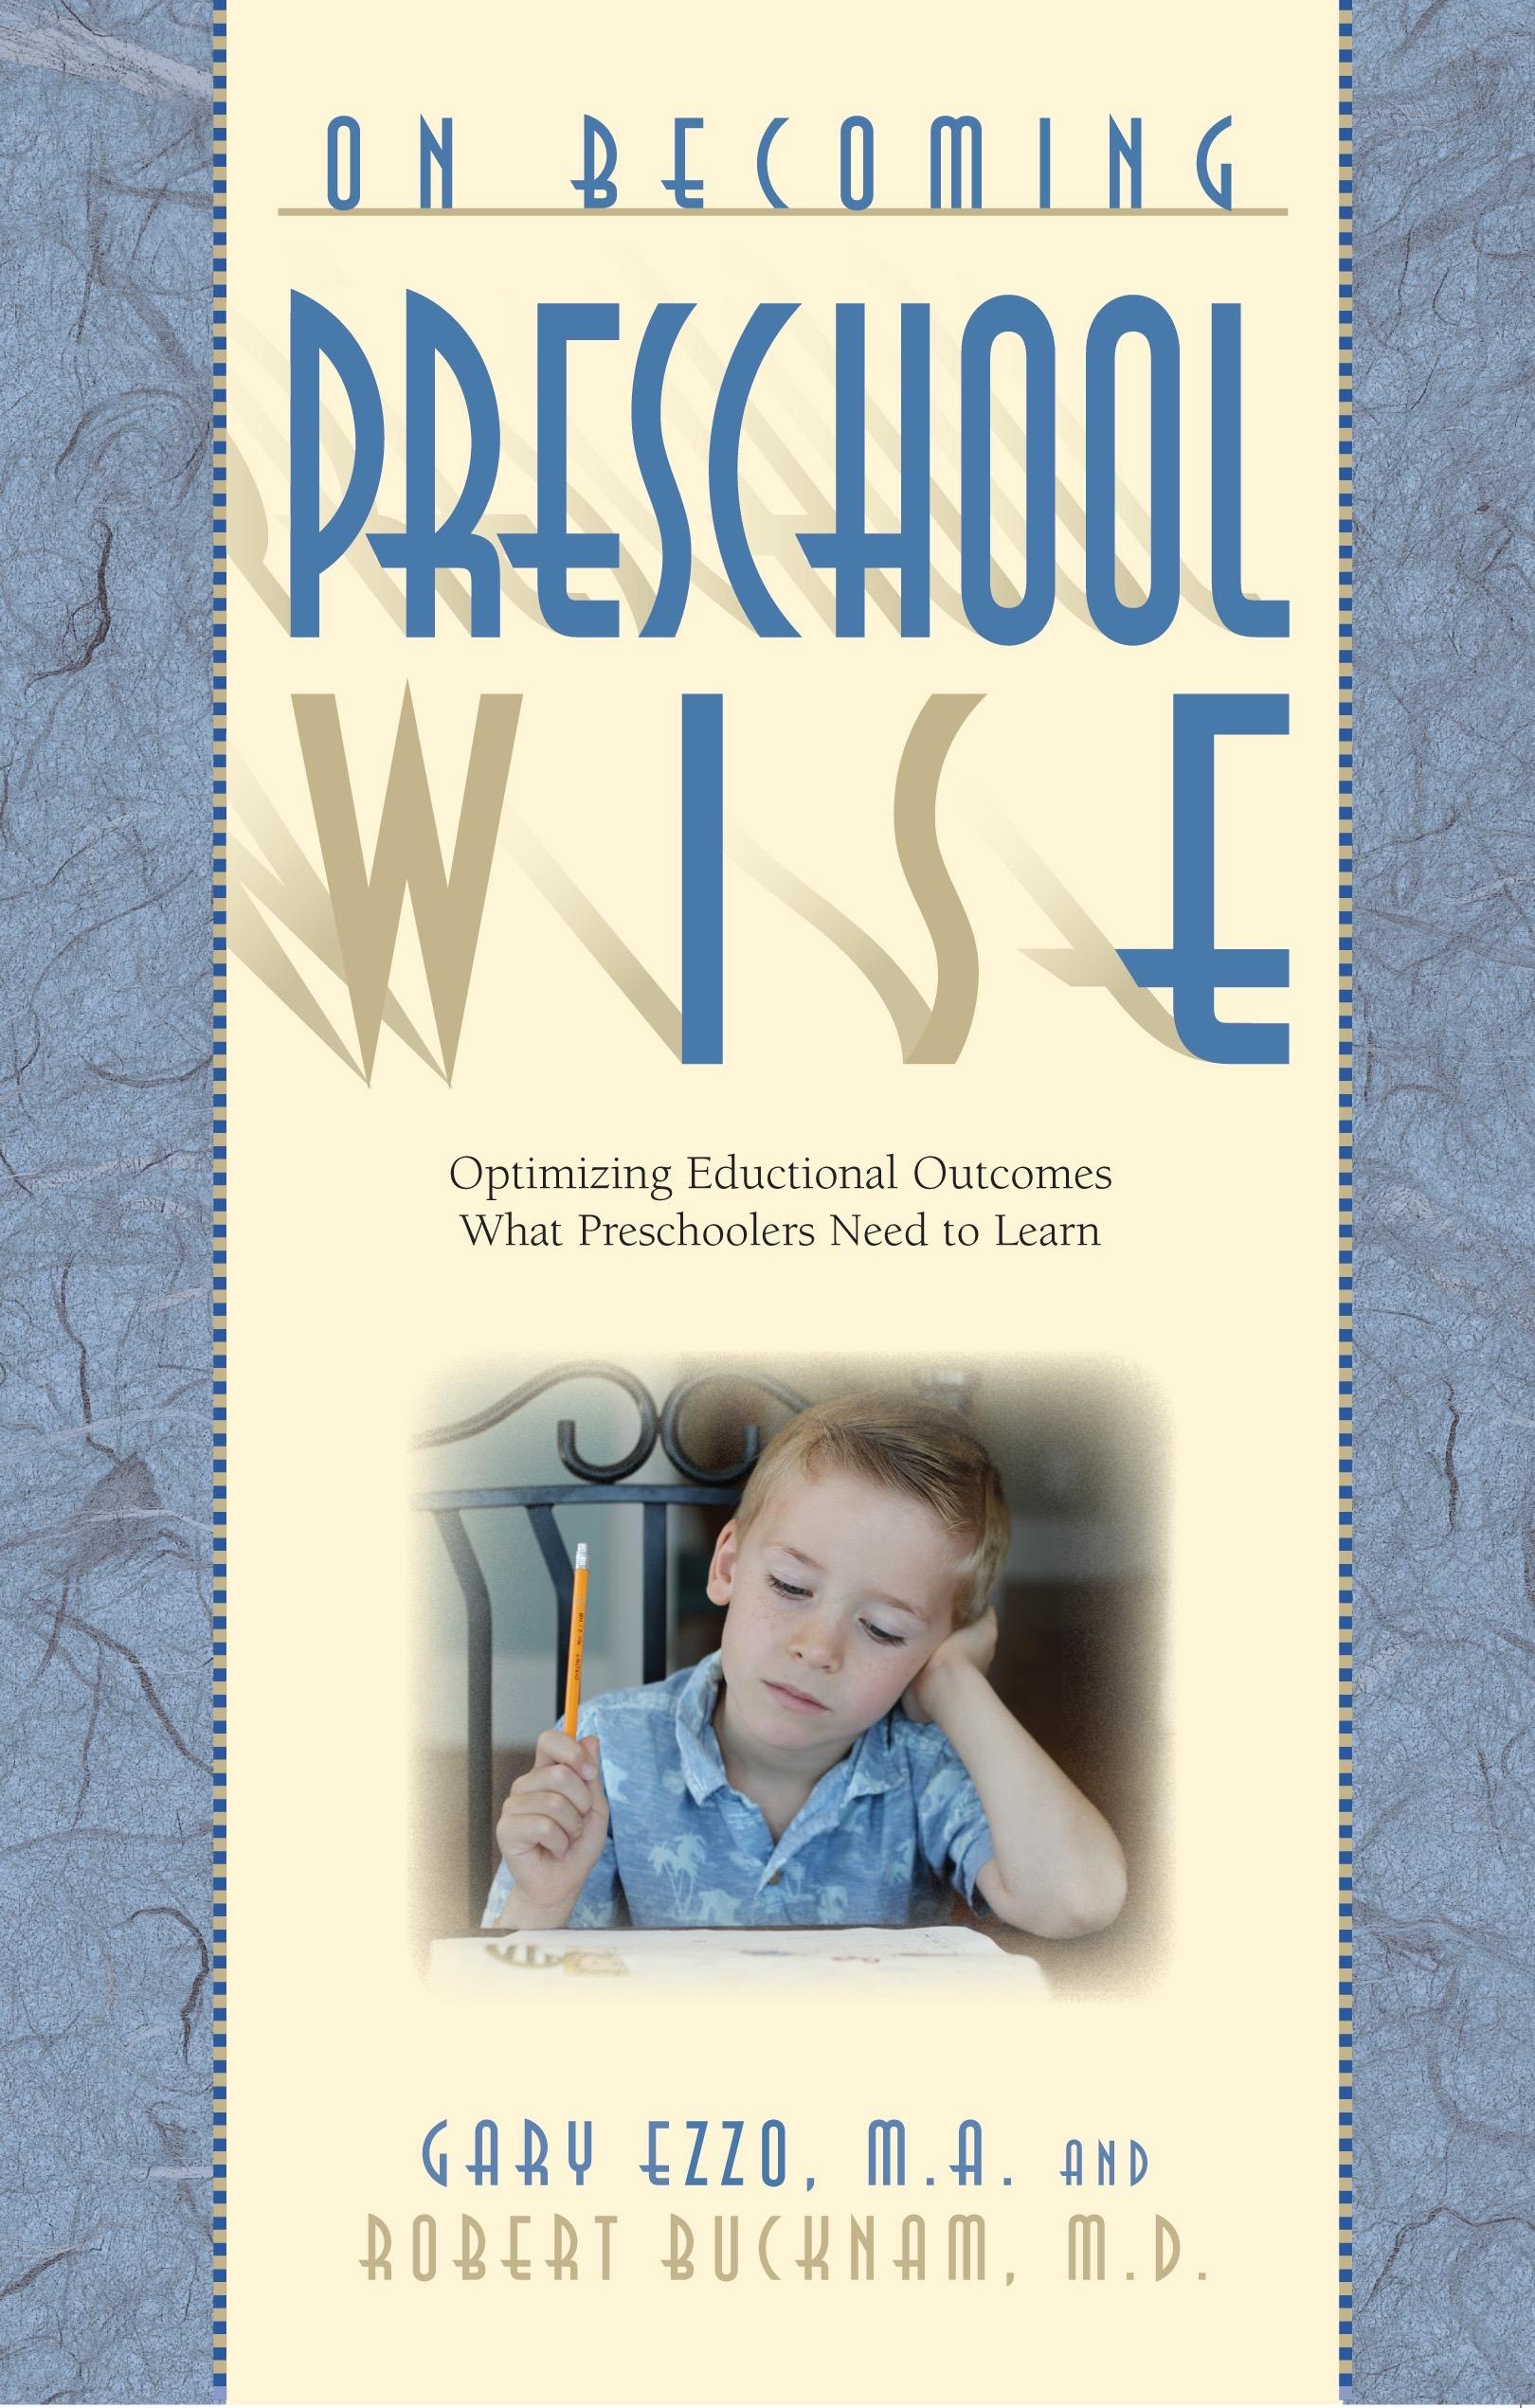 Preschoolwise.jpg